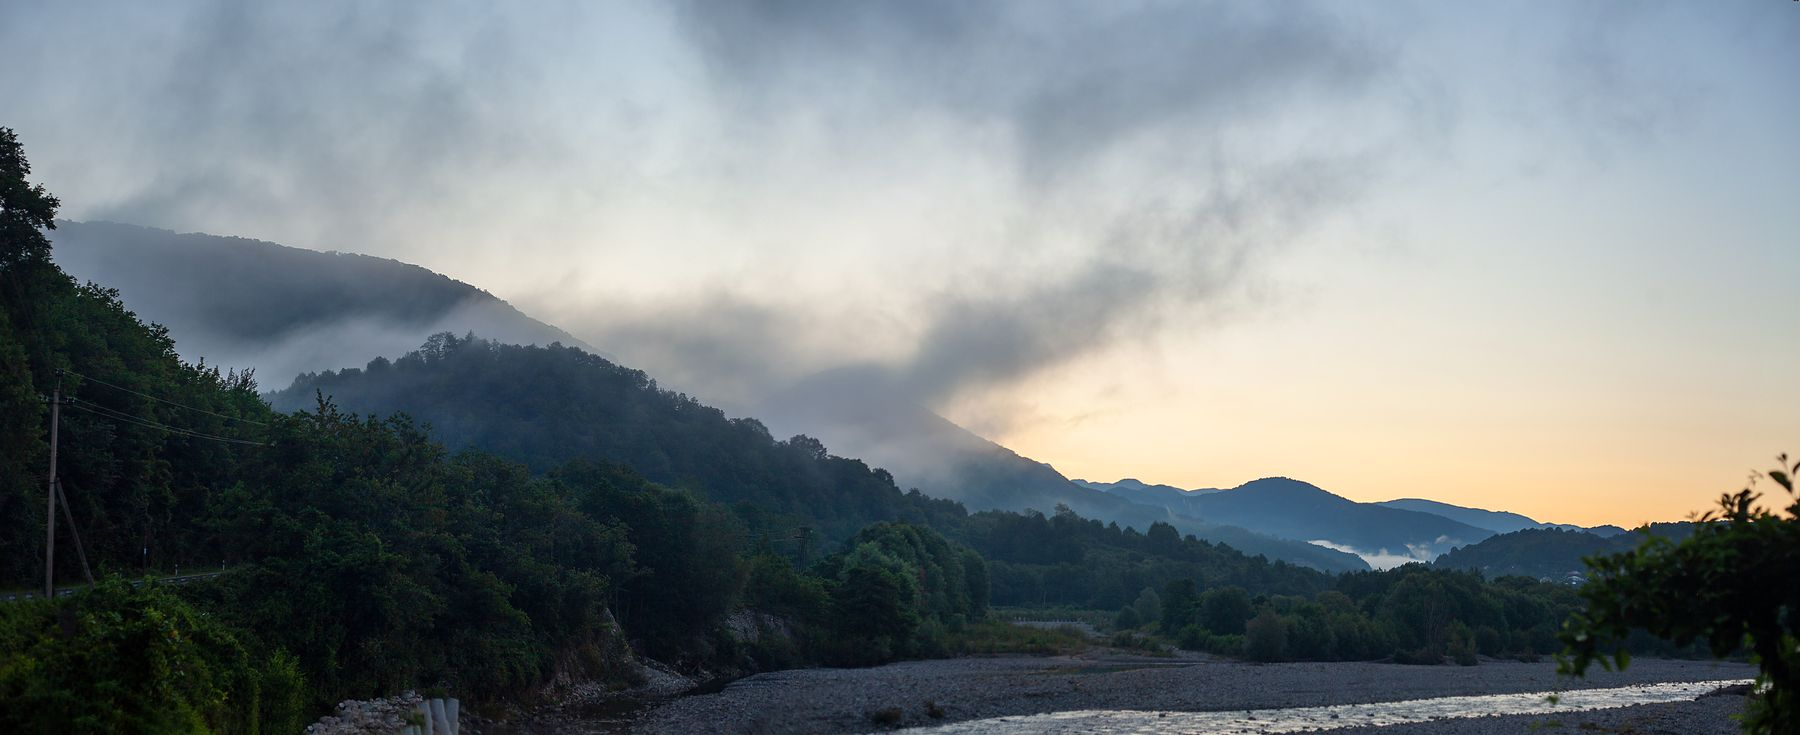 Утро в долине реки Аше река Аше туман утро кавказ